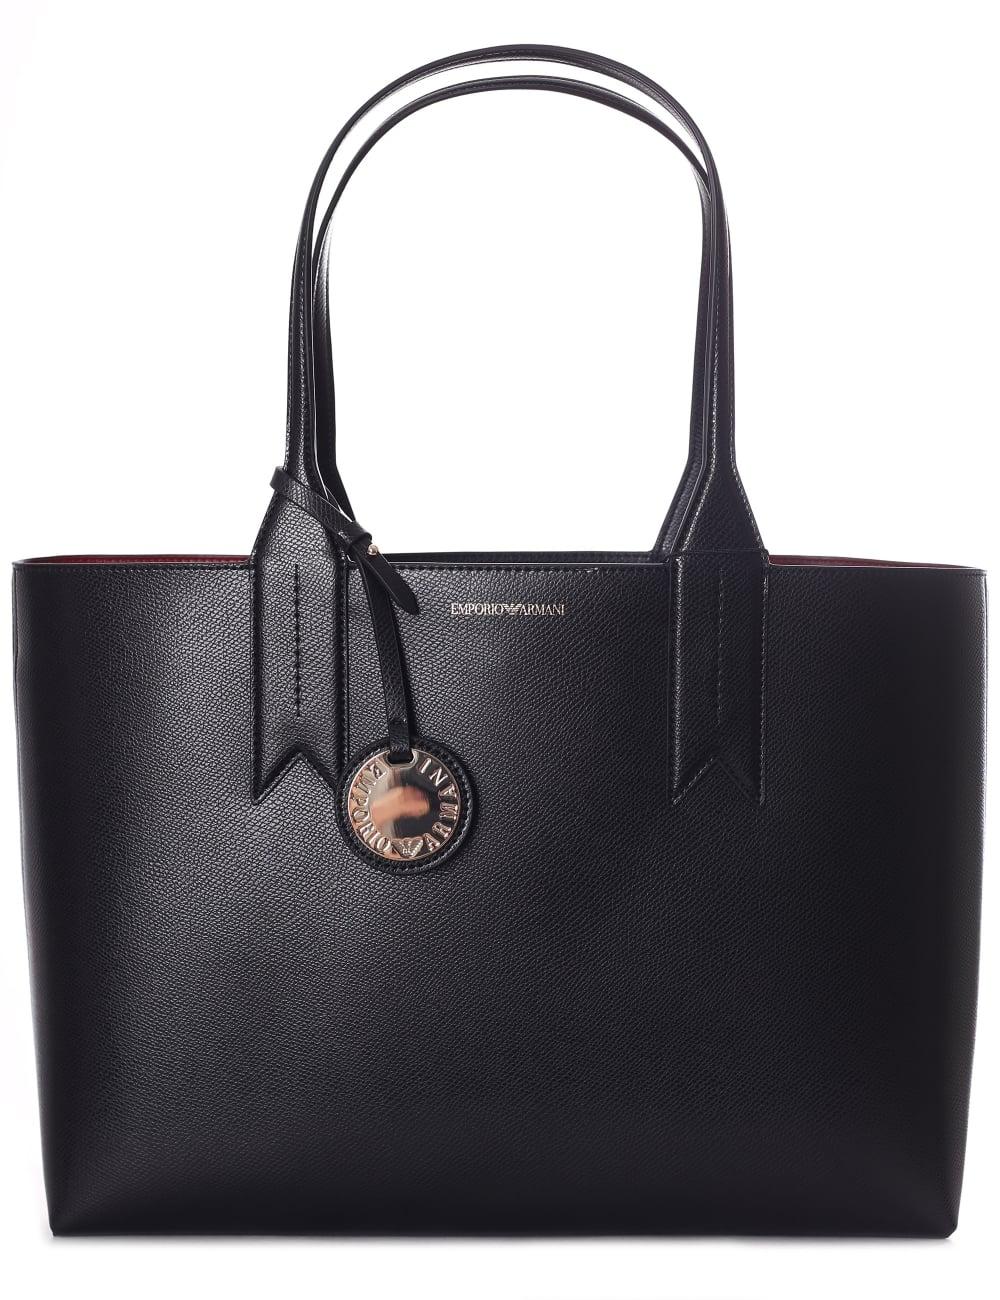 f0cd46397a1a6 Emporio Armani Borsa Women s Large Shopping Bag